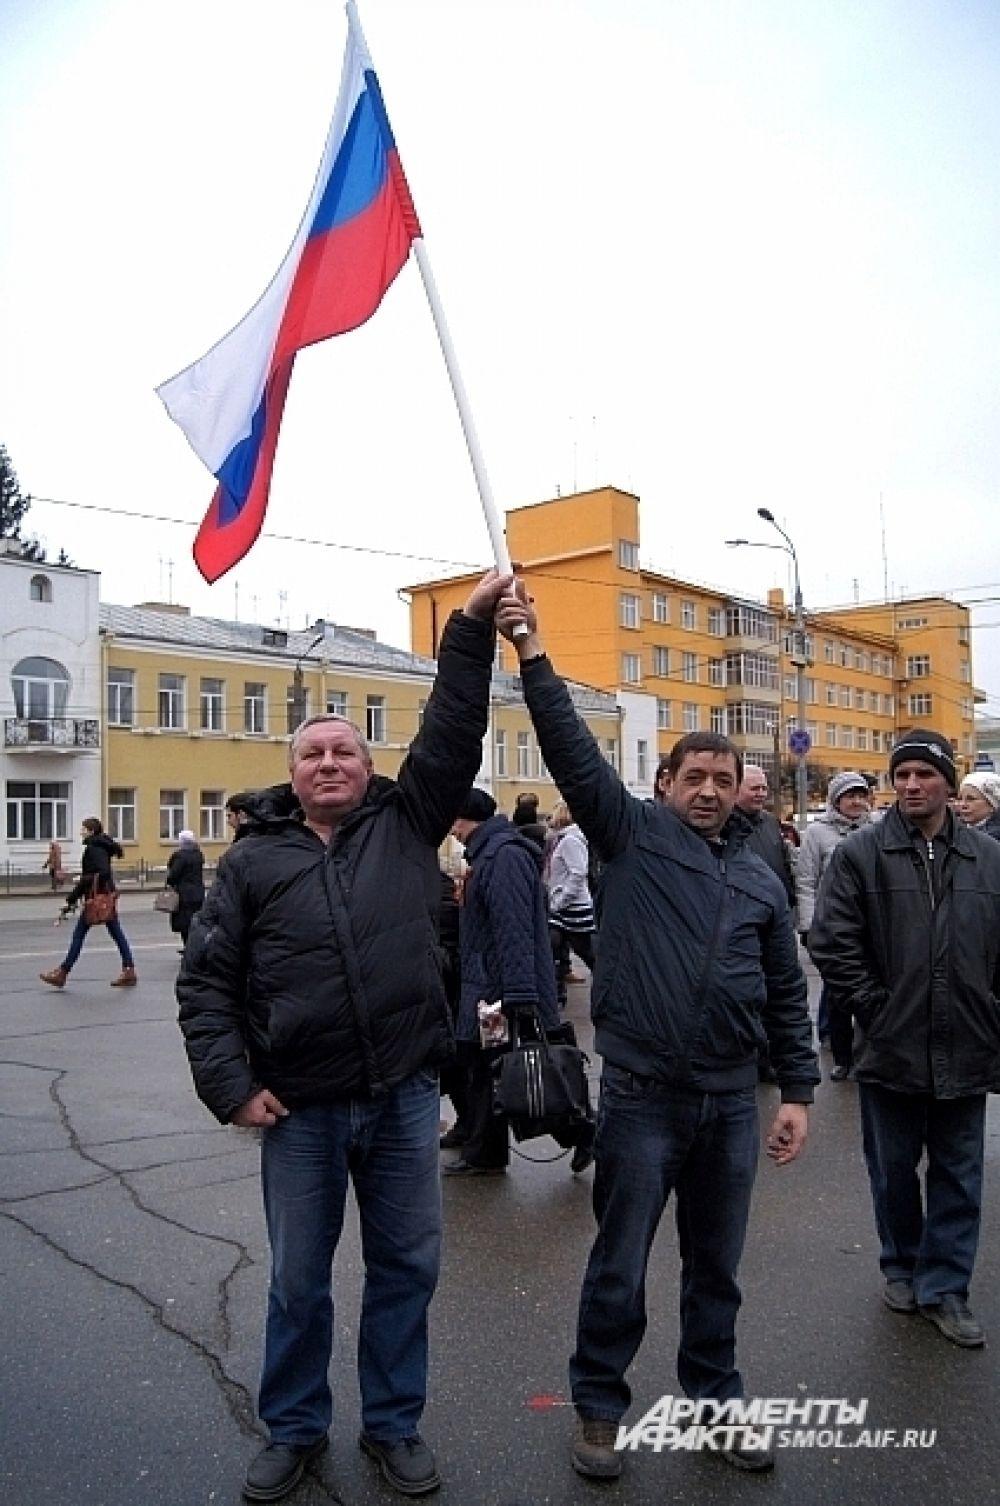 «Мы славяне, мы должны друг друга поддерживать, это наша земля, наши отцы и деды за нее боролись и проливали там свою кровь. Так что мы все должны жить совместно, одной семьей. Я их всех люблю». Алексей Ершов, водитель (на фото слева).